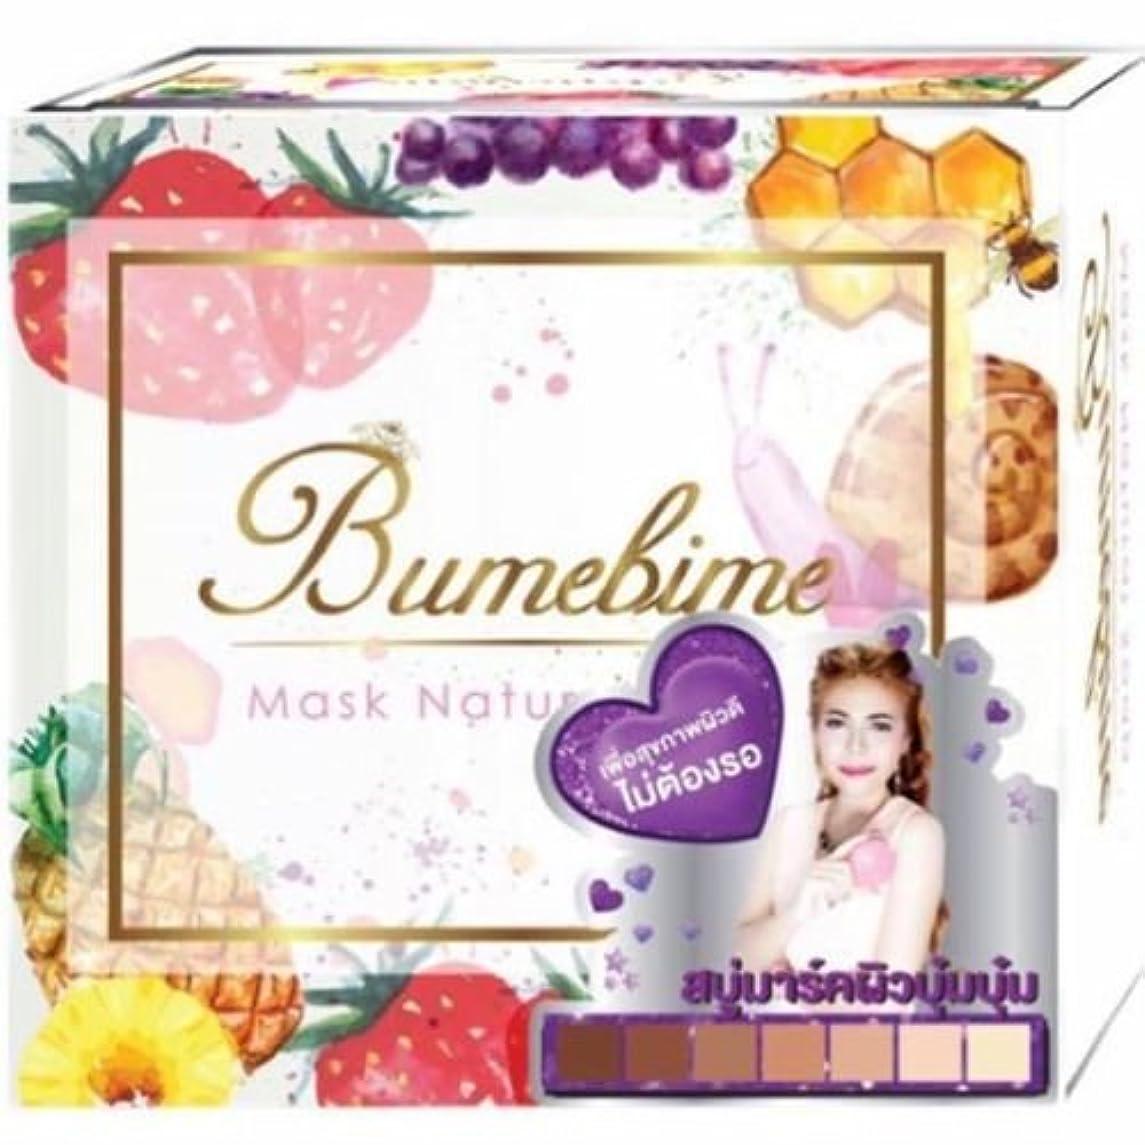 勇敢な自分自身持つ(1 x 100 g) bumebimeマスクNatural SoapスキンボディWhitening byトリプルW Shop